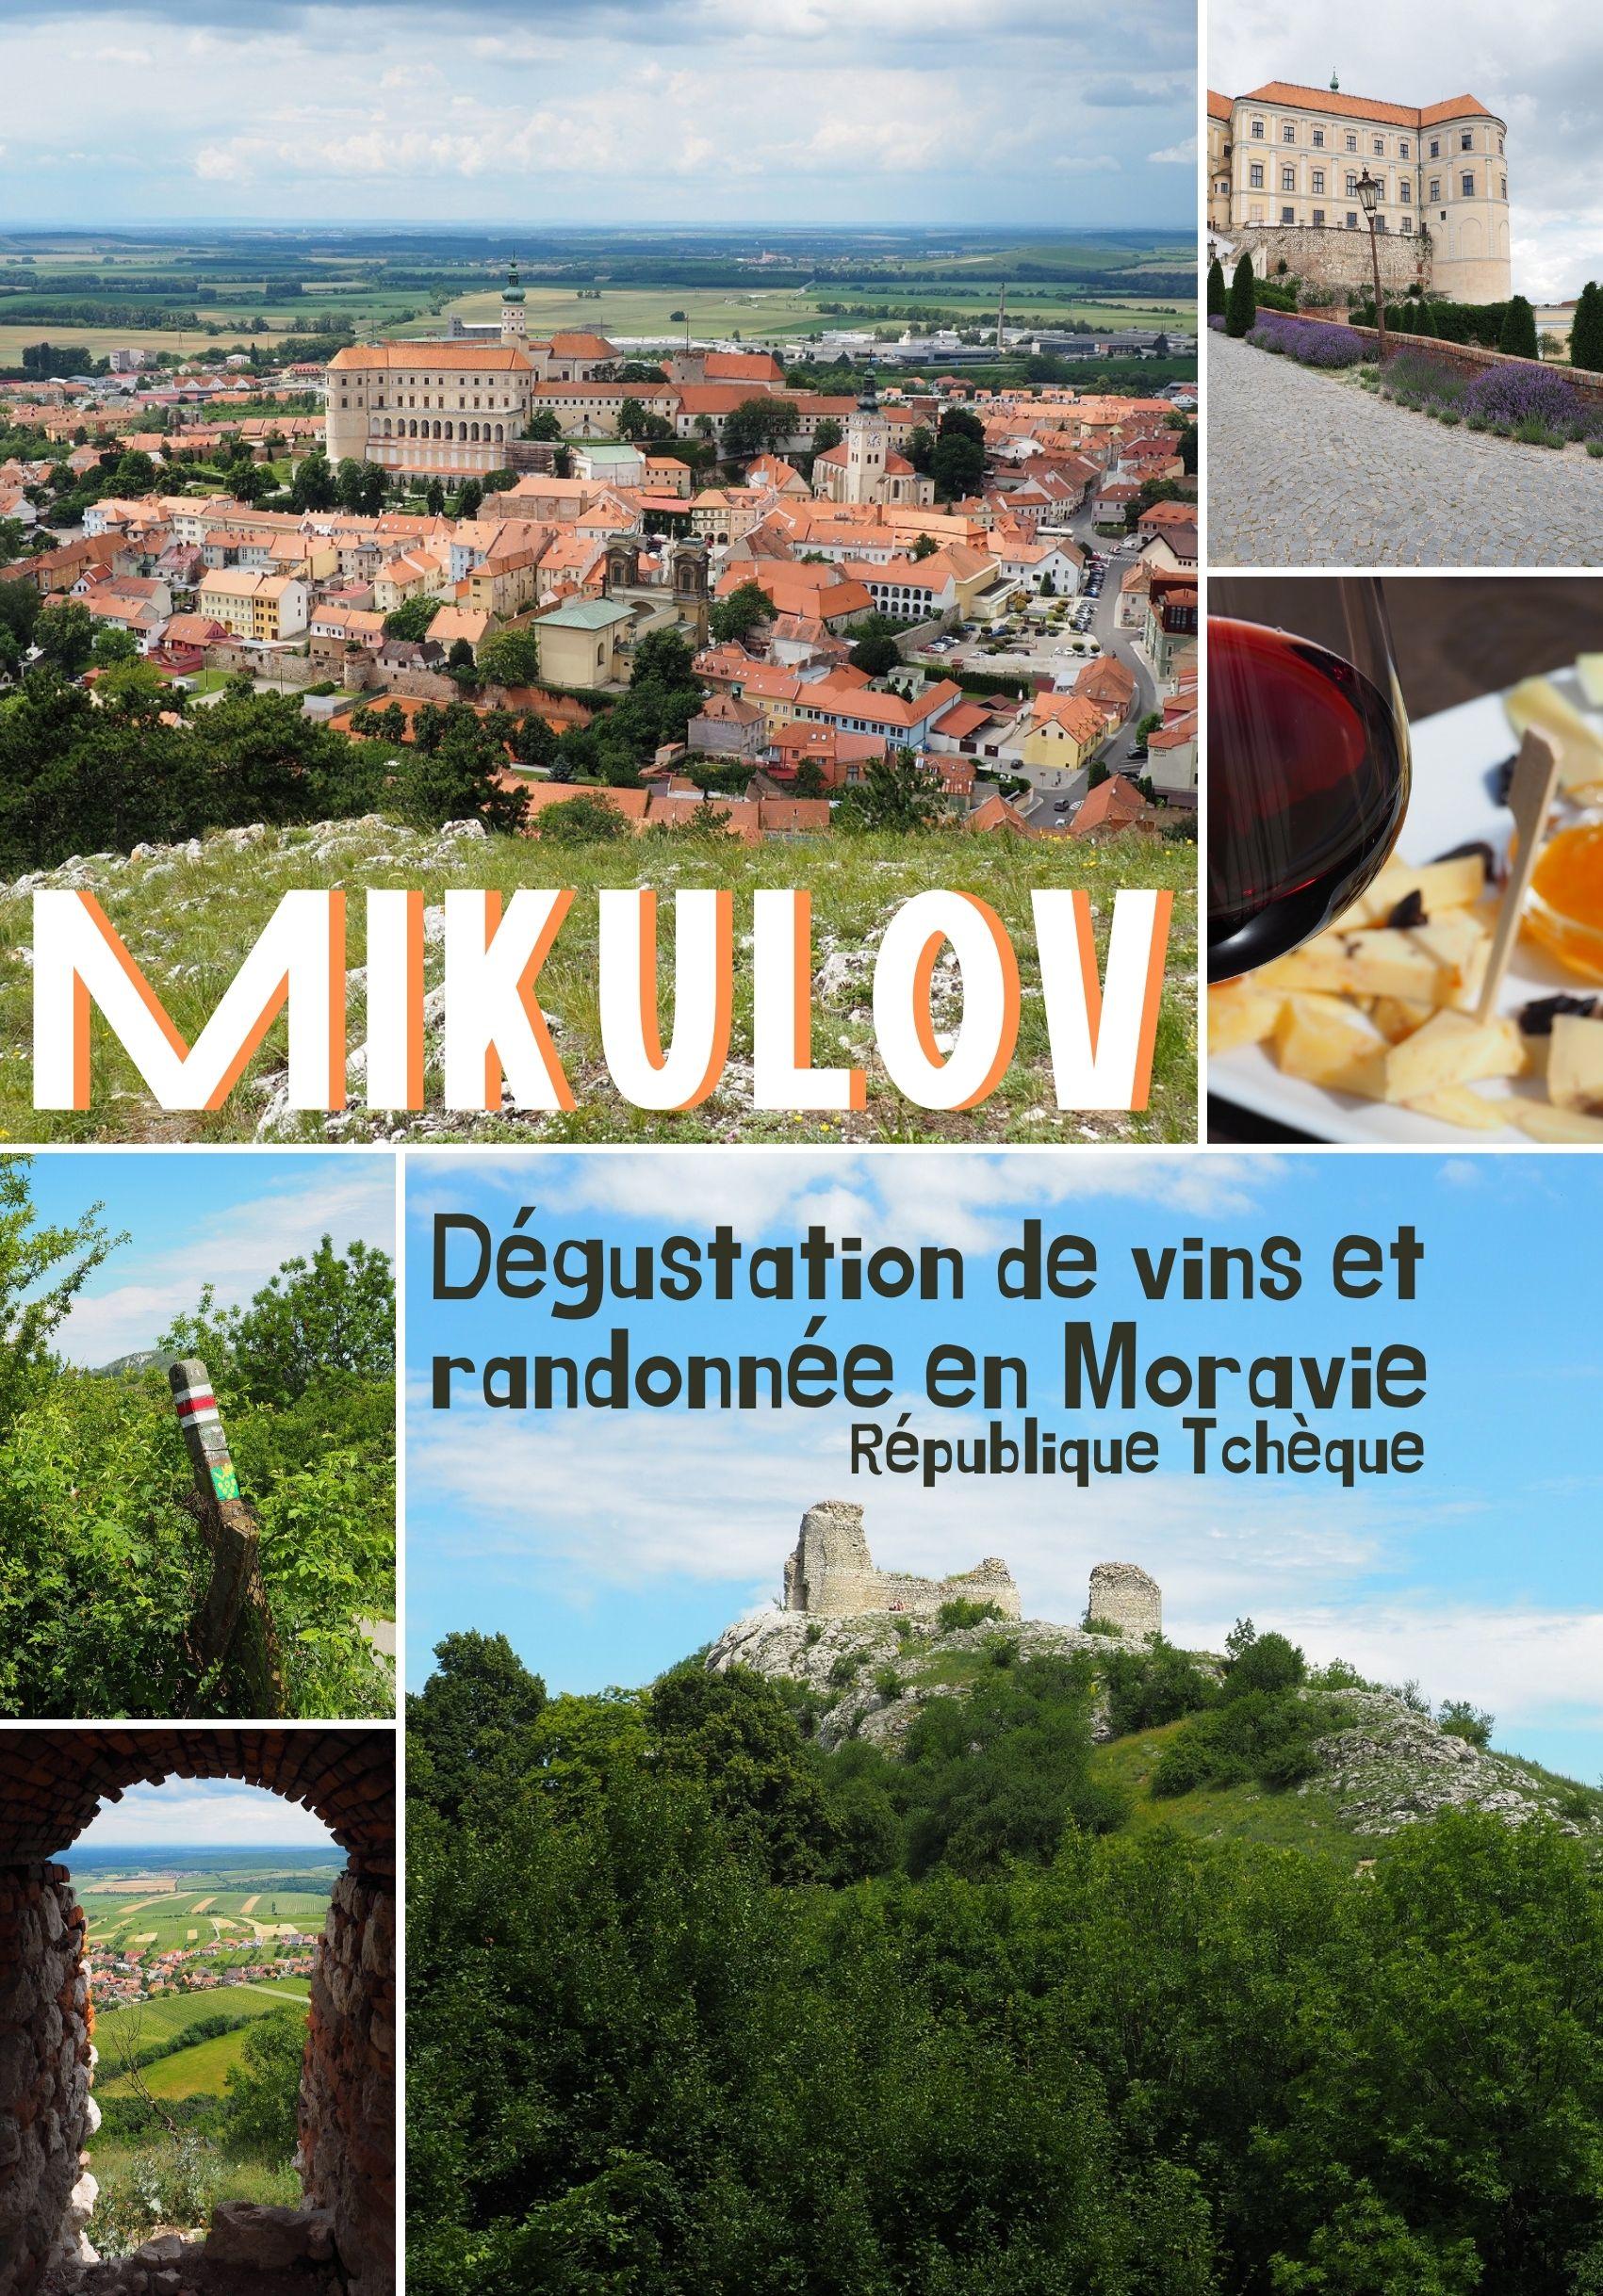 Visiter Mikulov en Moravie: informations pratiques et conseils pour visiter ce coin de République Tchèque: le château, le centre historique, les randonnées